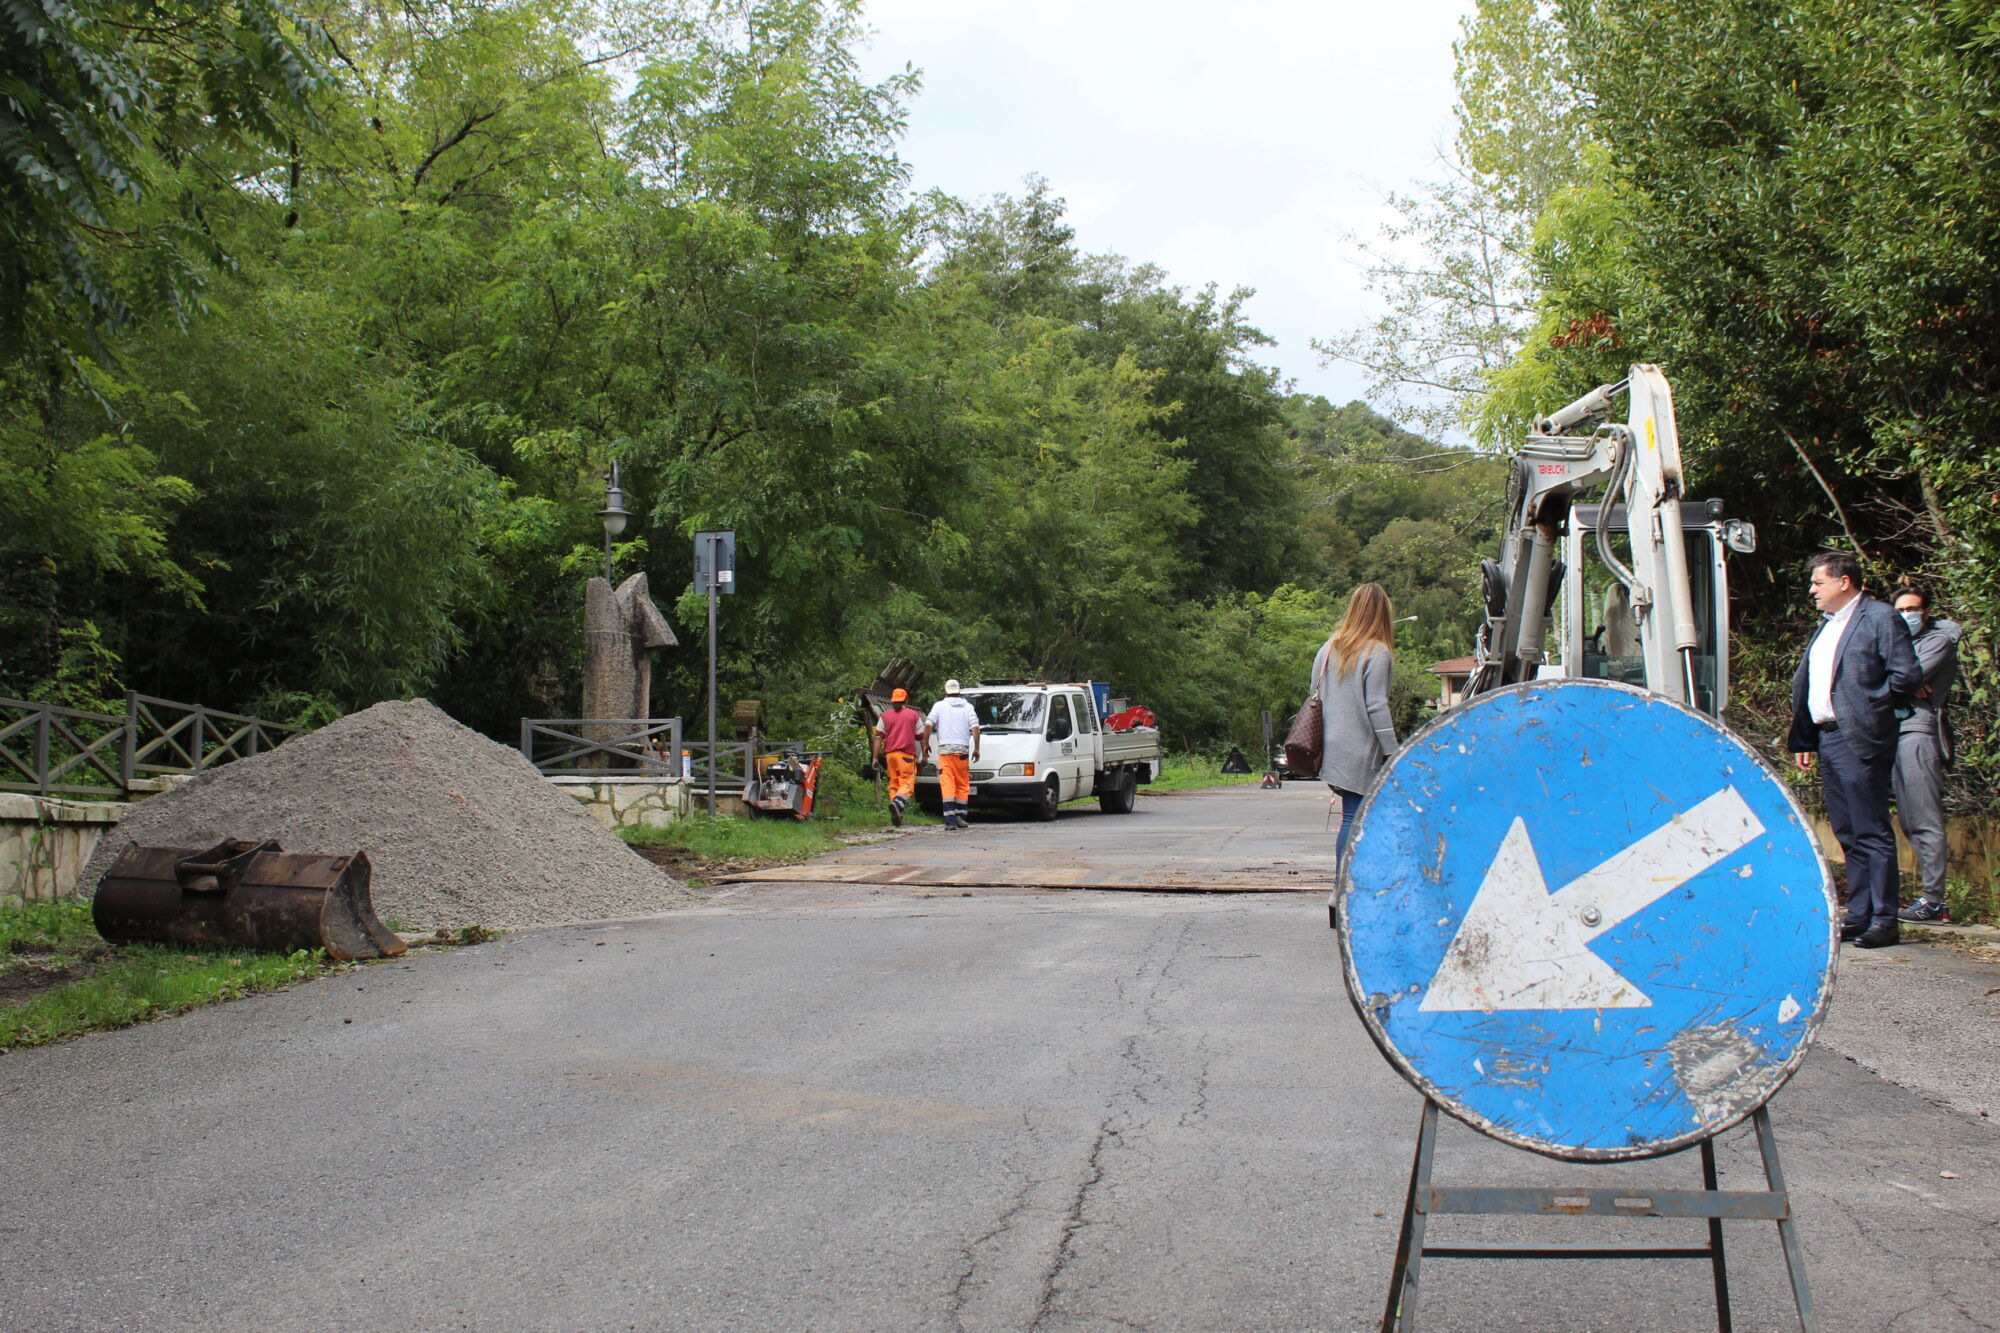 Partito l'atteso intervento di messa in sicurezza ed asfaltatura di via Casone a Strettoia